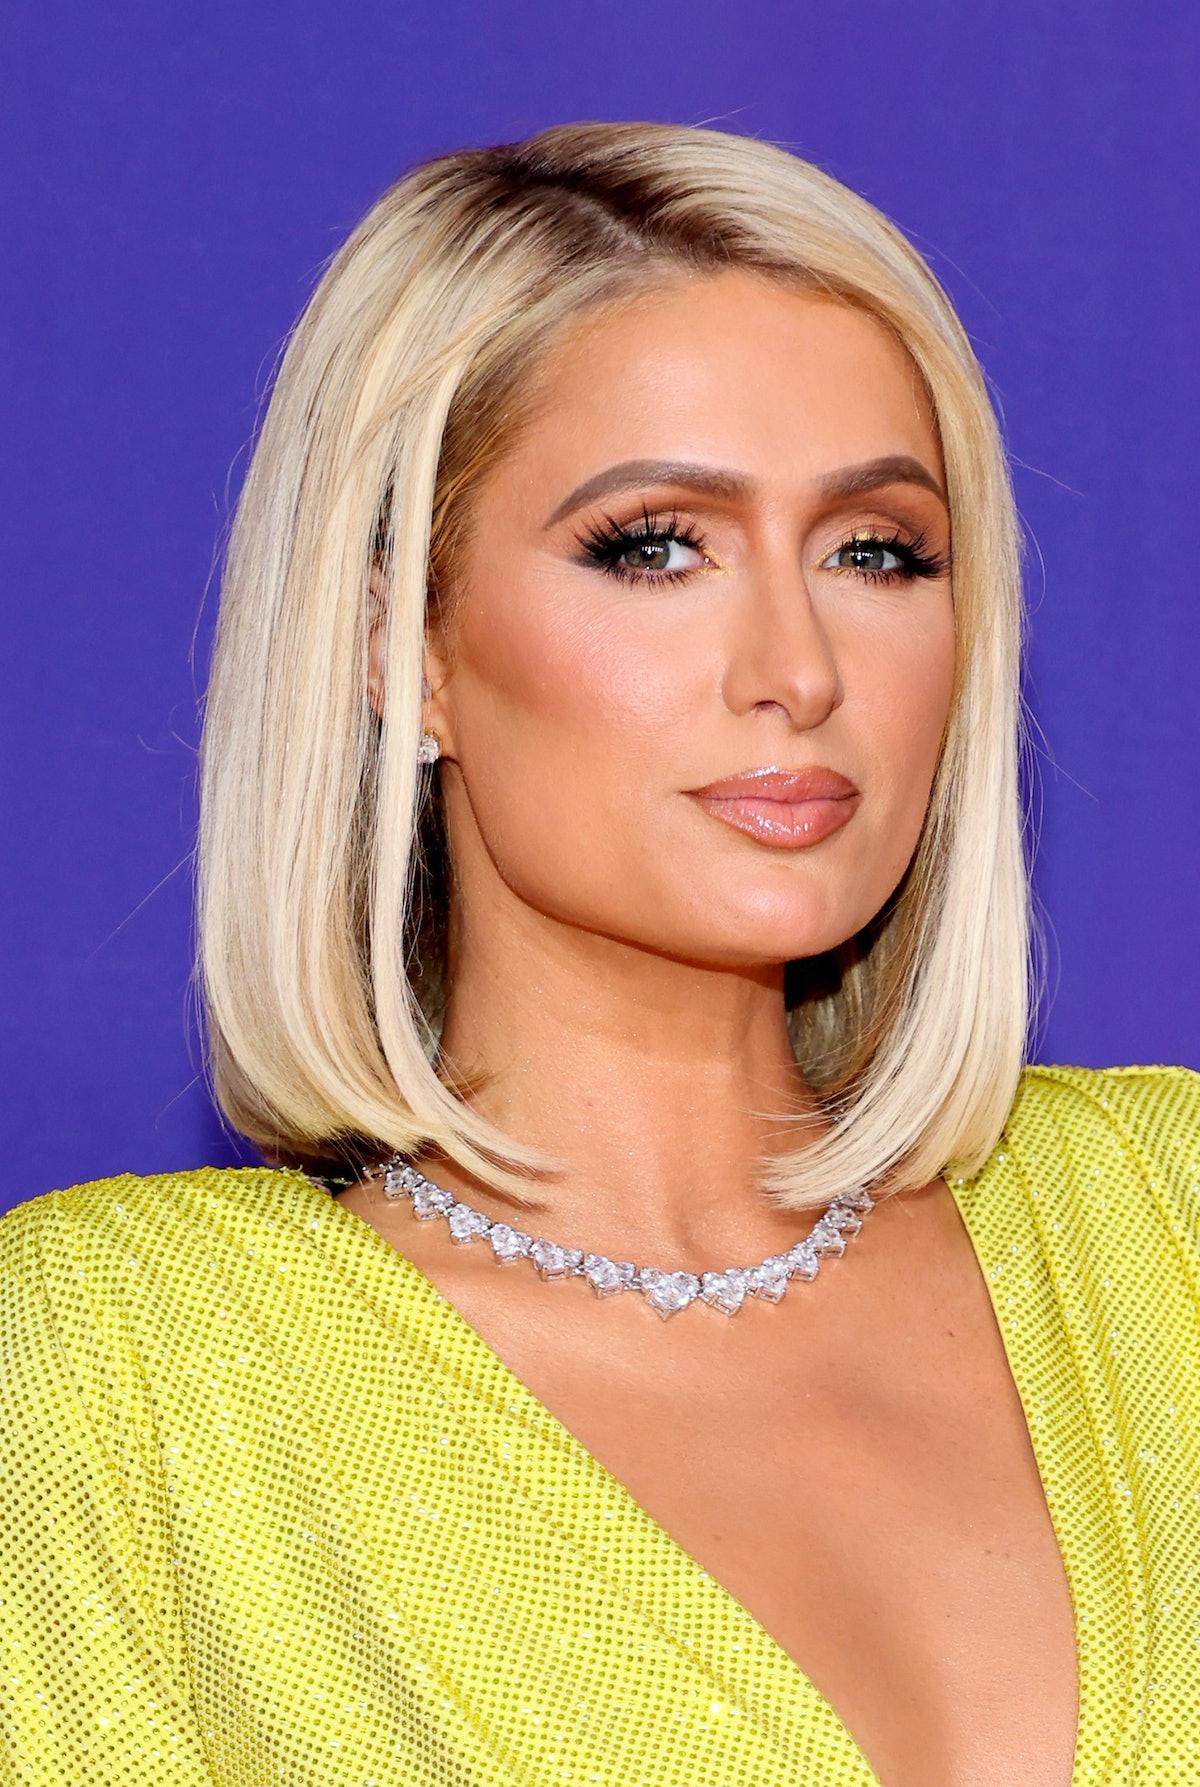 Paris Hilton named one of the most ridiculous (bad) Aquarius celebrities.